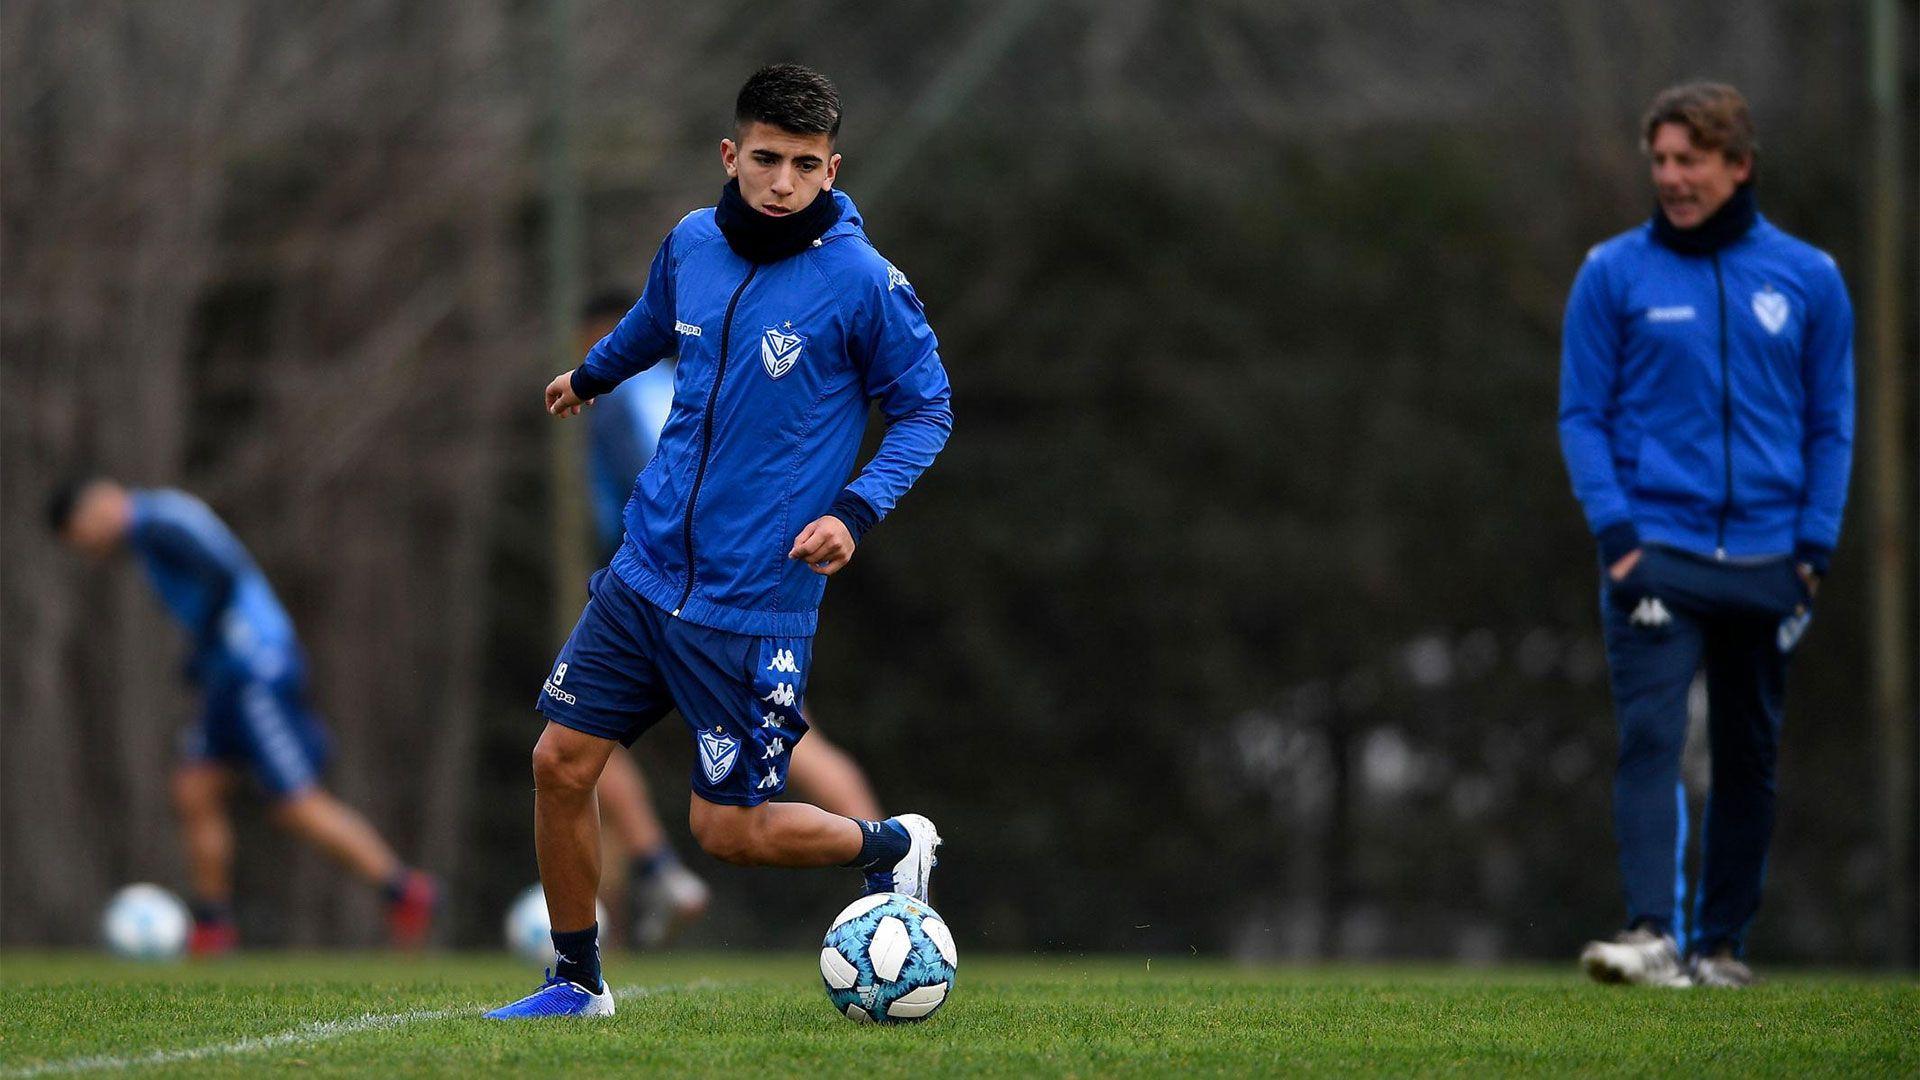 El club decidió separar a los jugadores del plantel profesional (Foto: Vélez oficial)